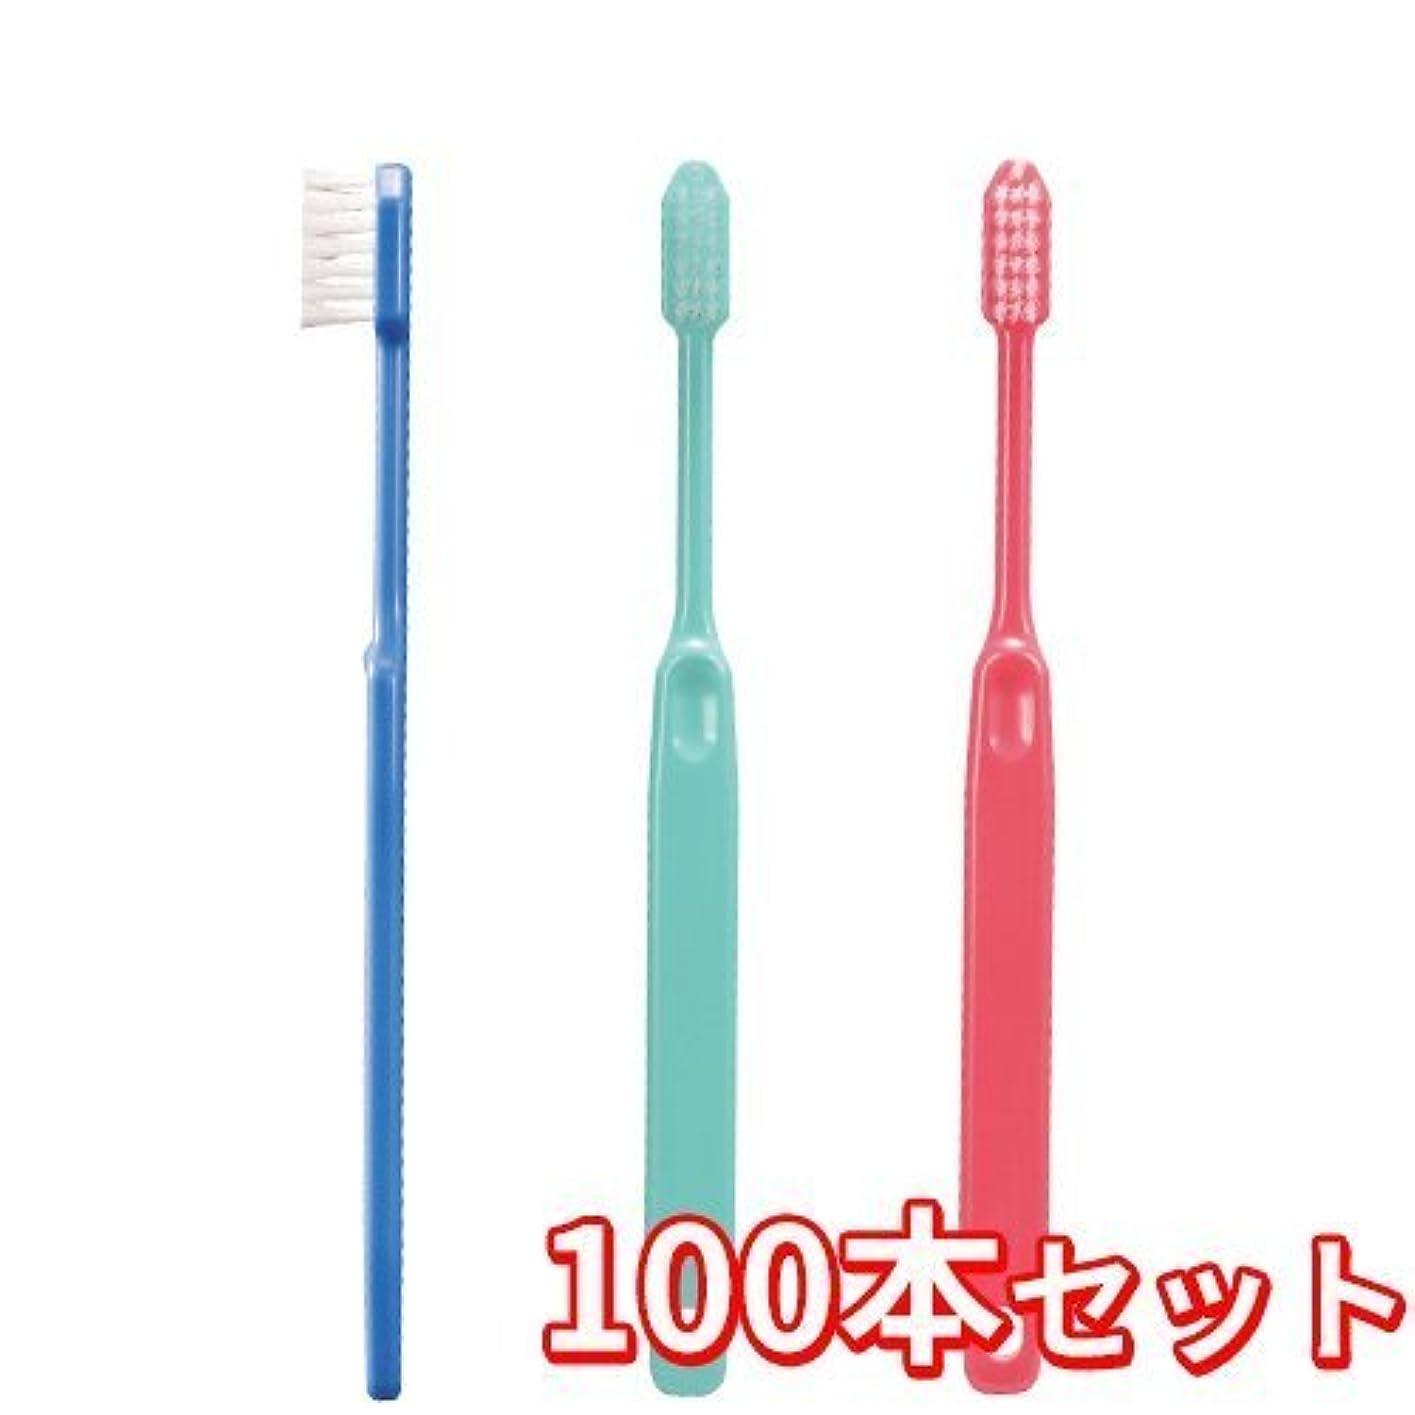 必需品雑多な調和Ciメディカル 歯ブラシ コンパクトヘッド 疎毛タイプ アソート 100本 (Ci23(やややわらかめ))